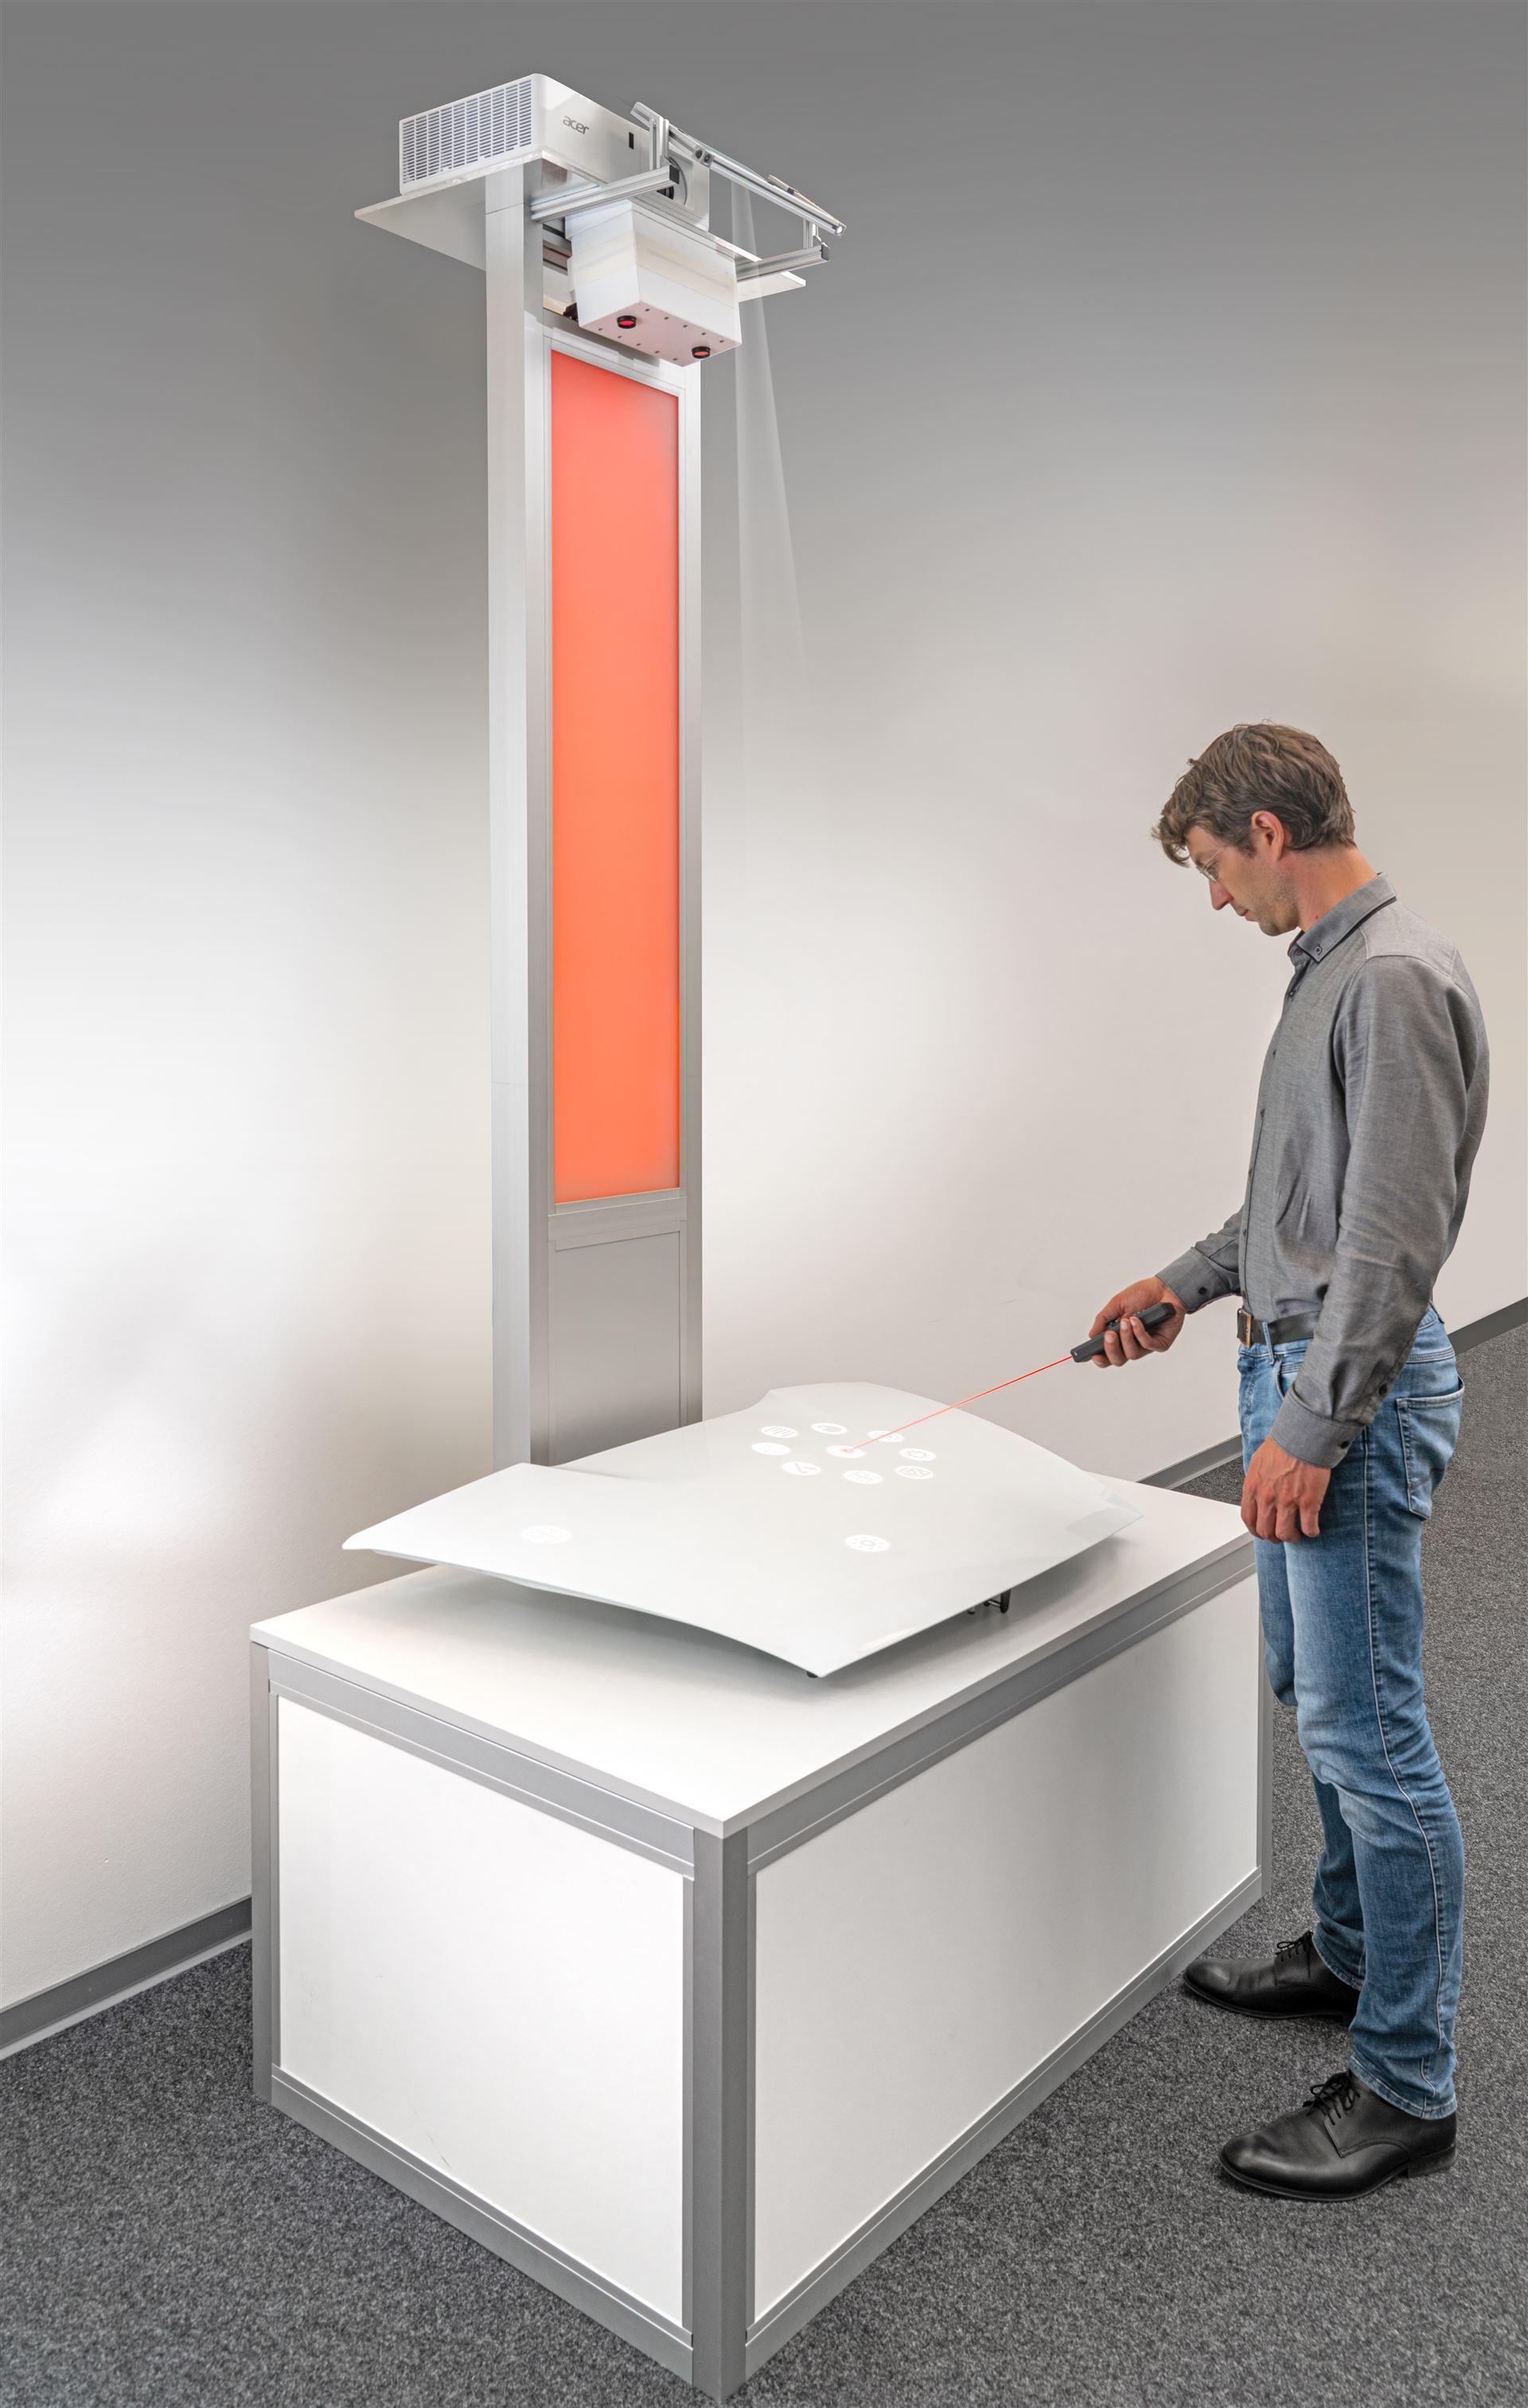 Fehlermarkierung auf einem Bauteil mit Laserpointer